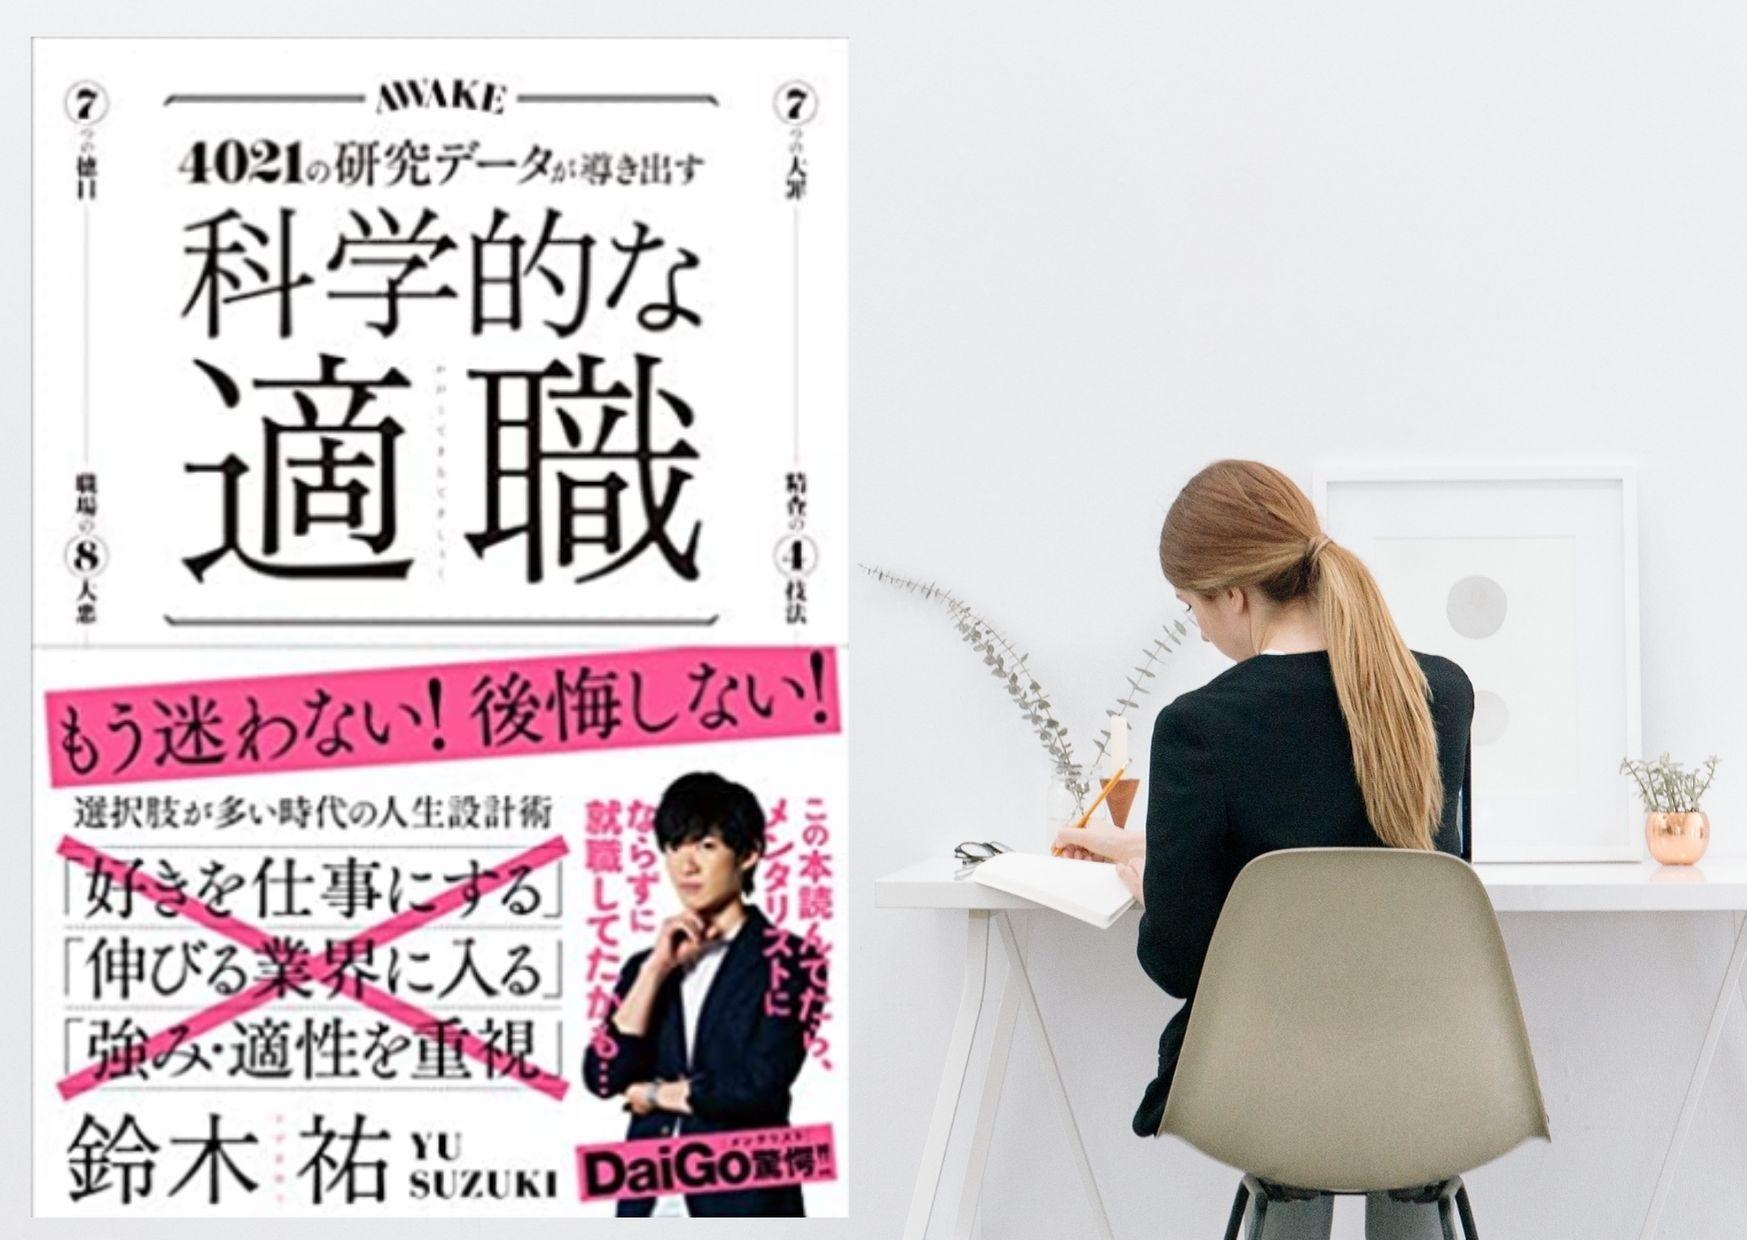 鈴木拓『科学的な適職』要約・感想【幸福度を最大化する仕事とは】